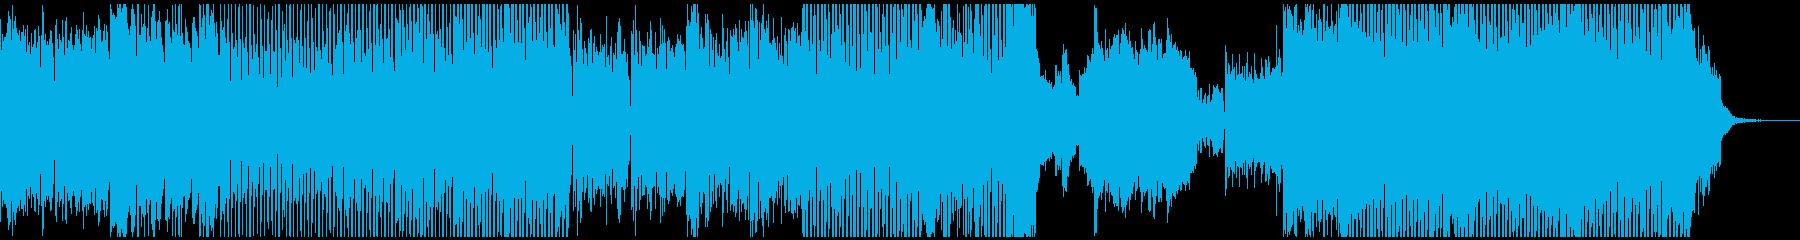 クラシカルな響きのダブステップの再生済みの波形